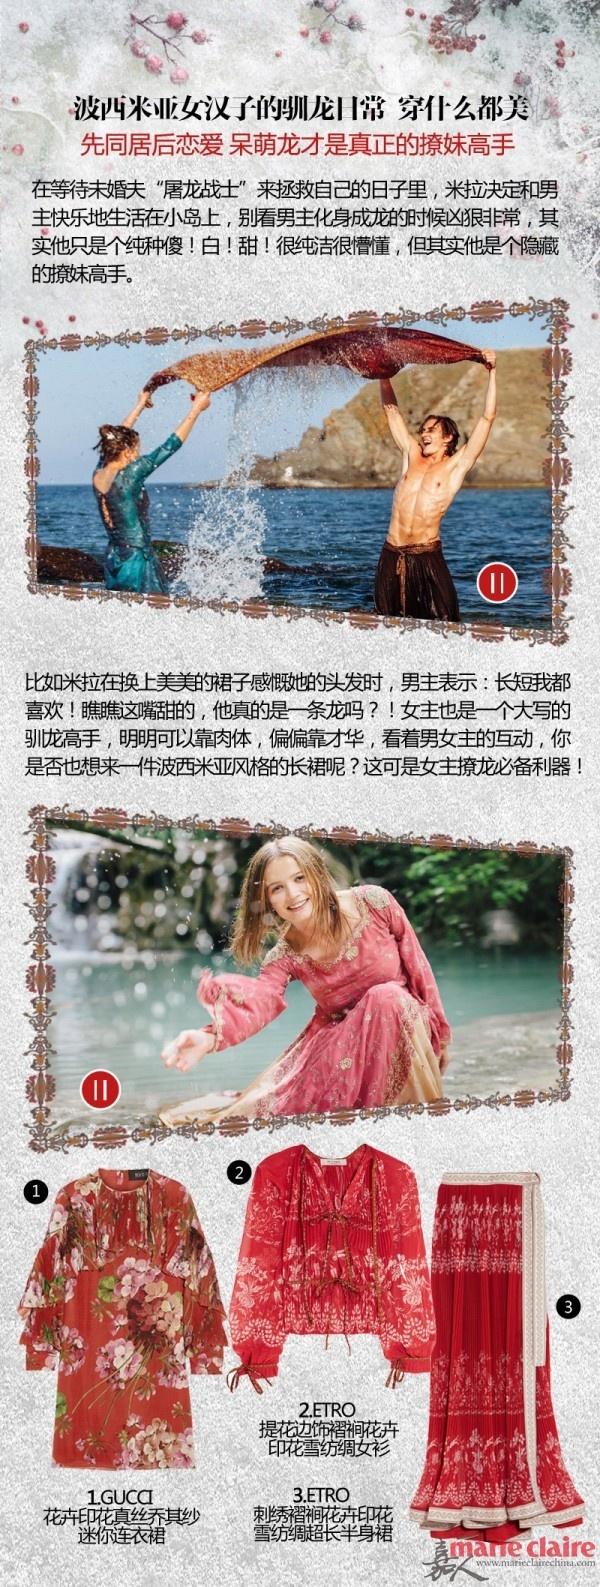 明明是一部玛丽苏到不行又狗血的电影 为什么我们为它少女心炸裂? - 嘉人marieclaire - 嘉人中文网 官方博客